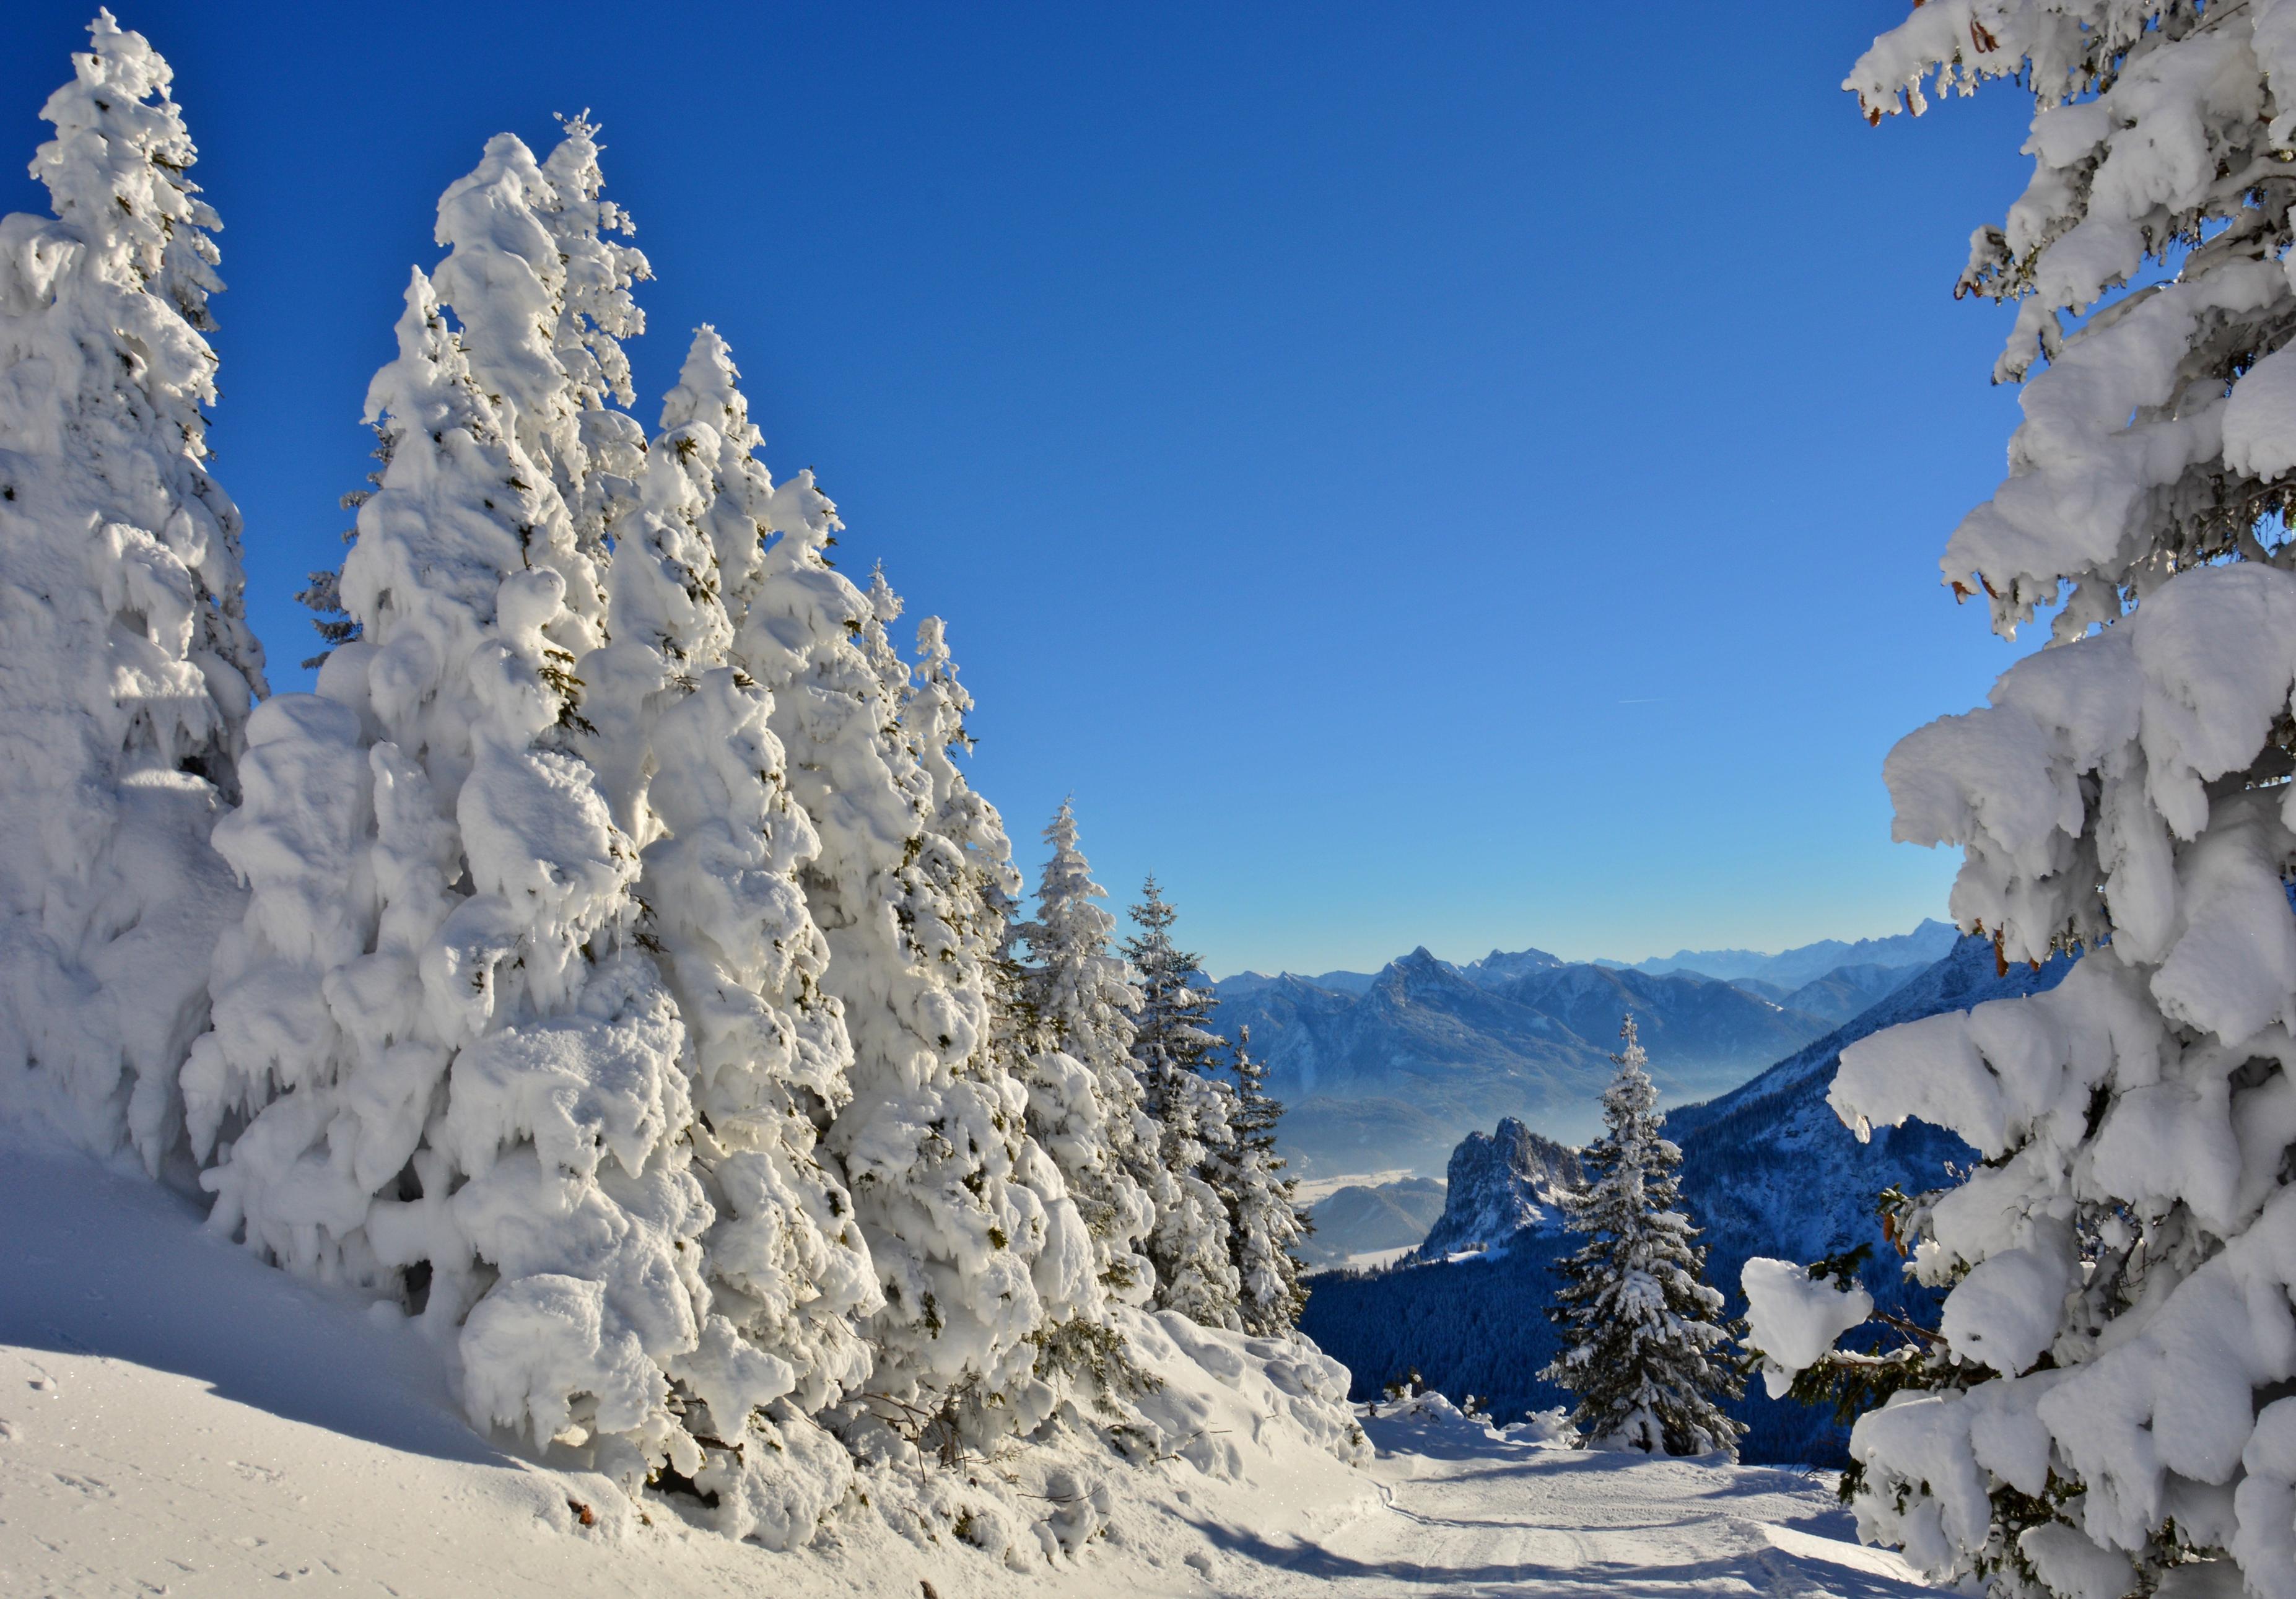 W0302 Wintertraum auf dem Breitenberg.jpg